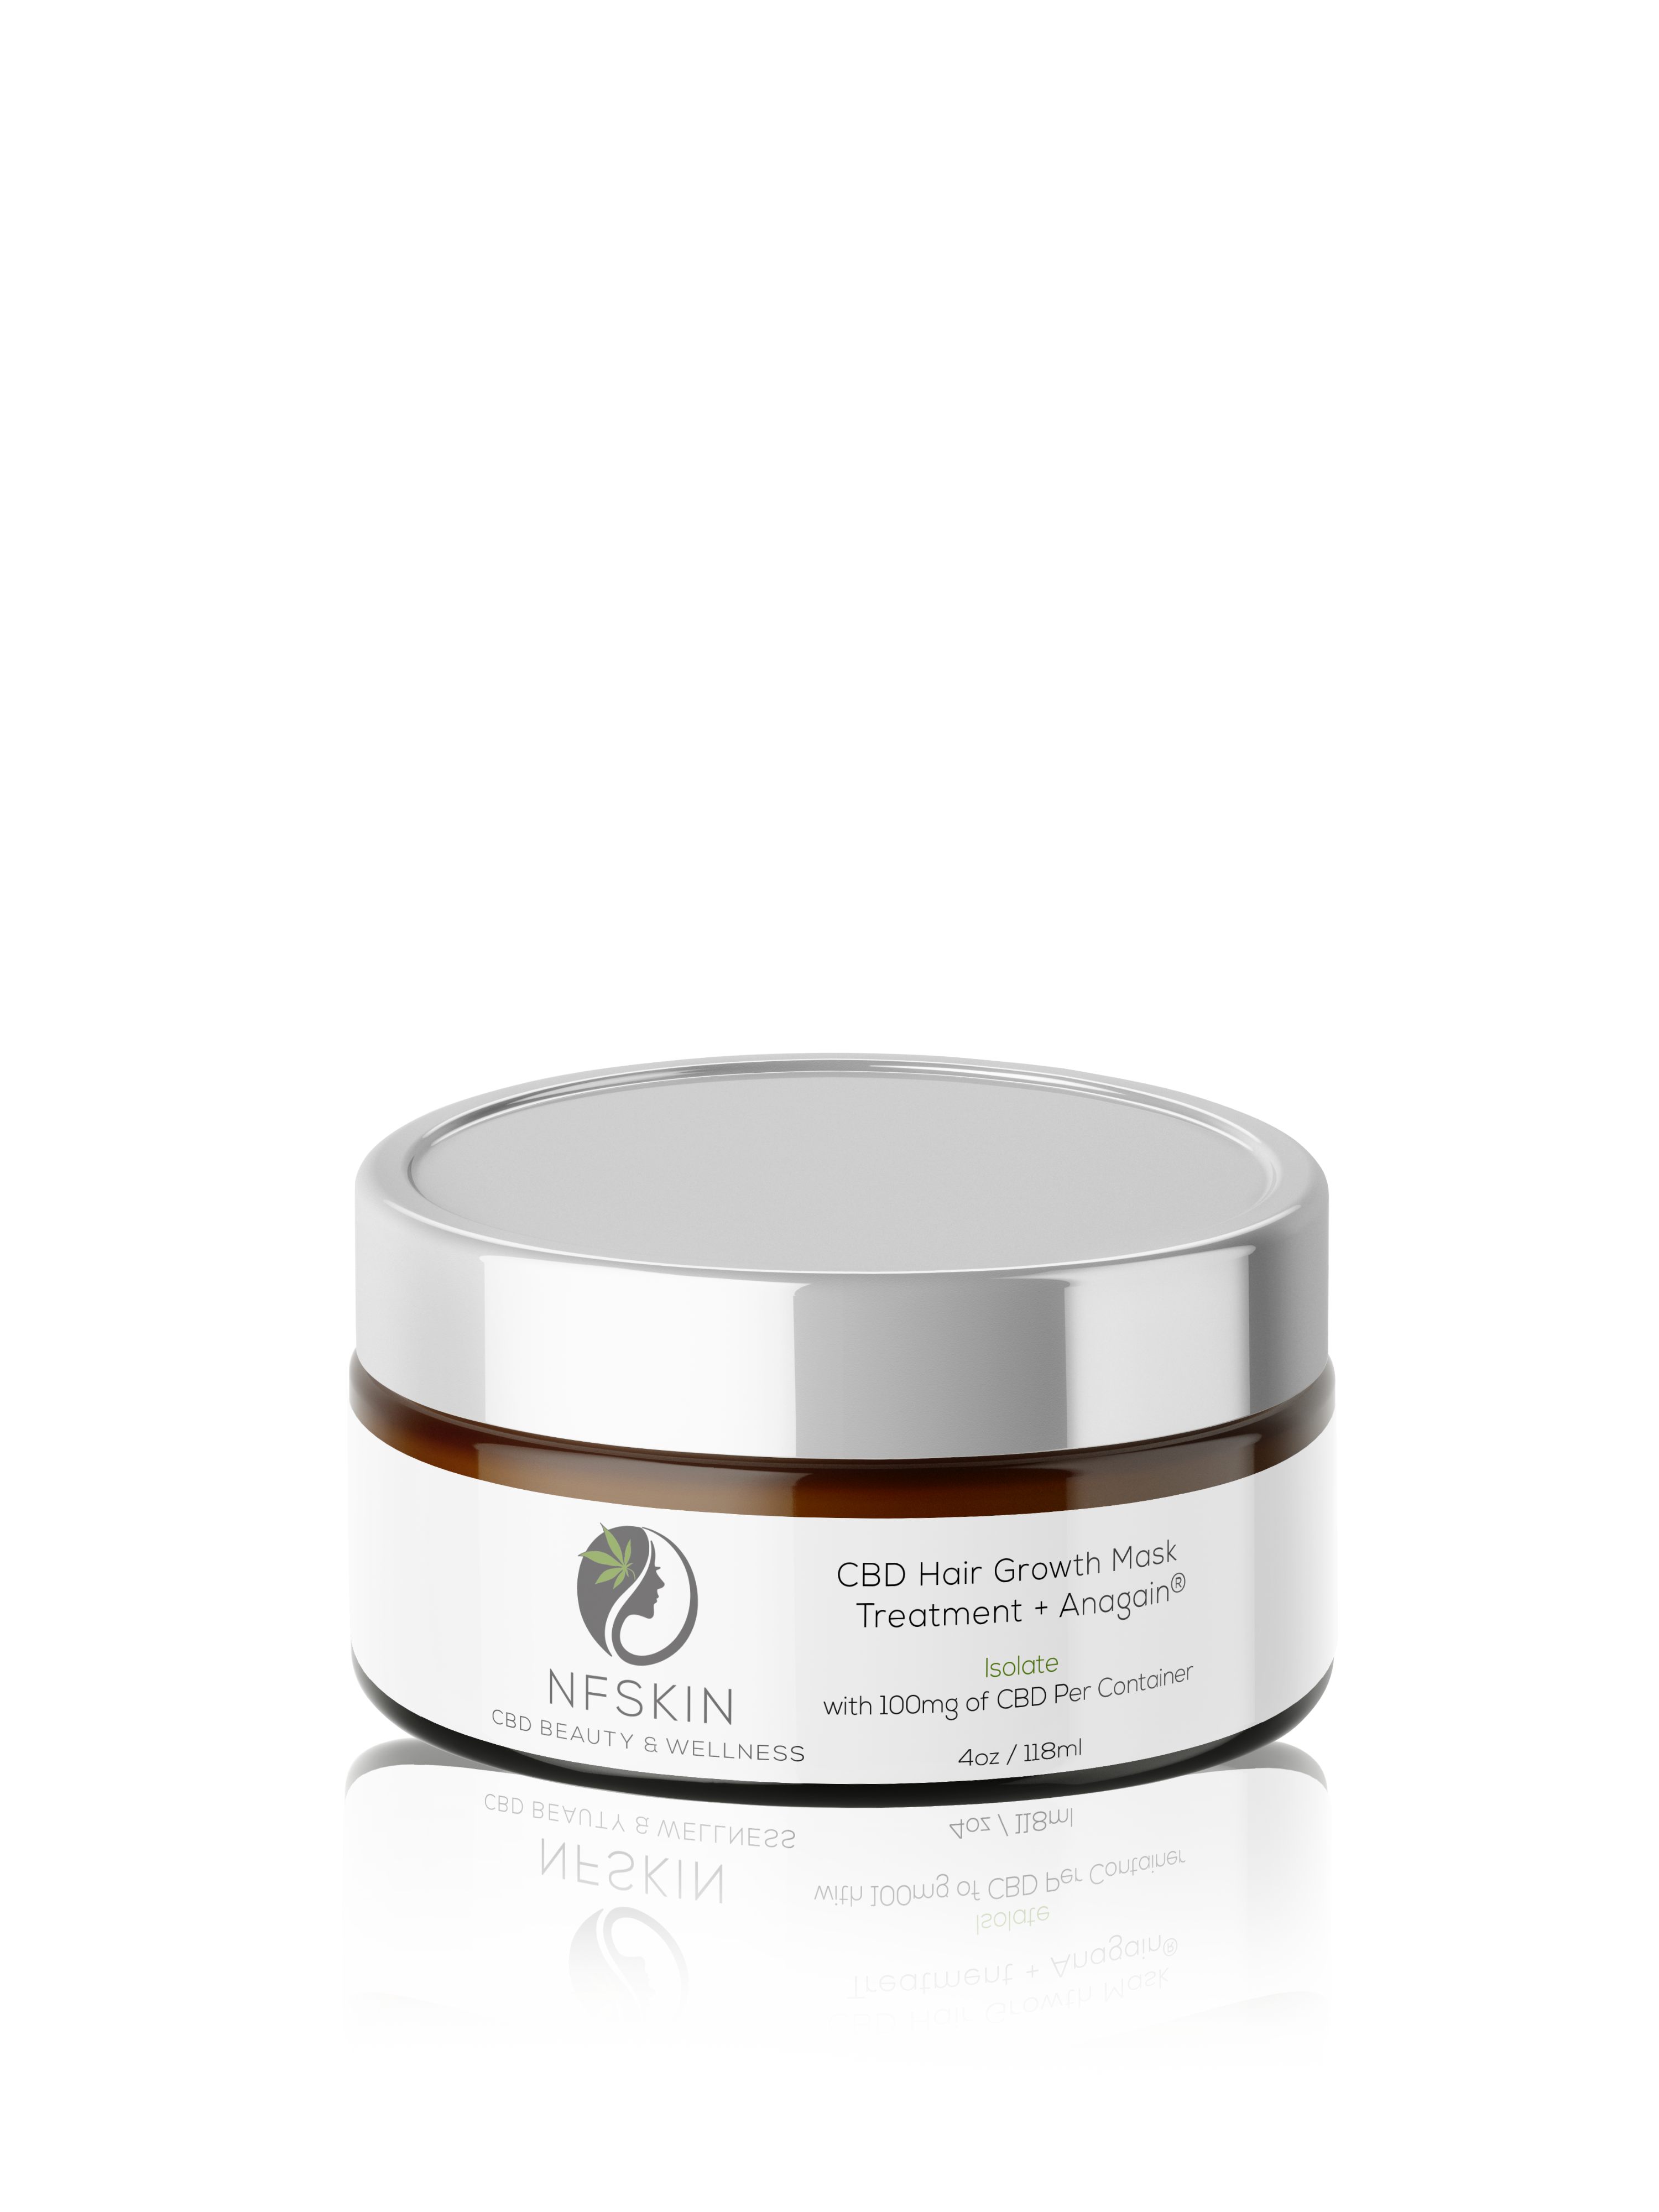 Hair Growth Mask Treatment + Anagain